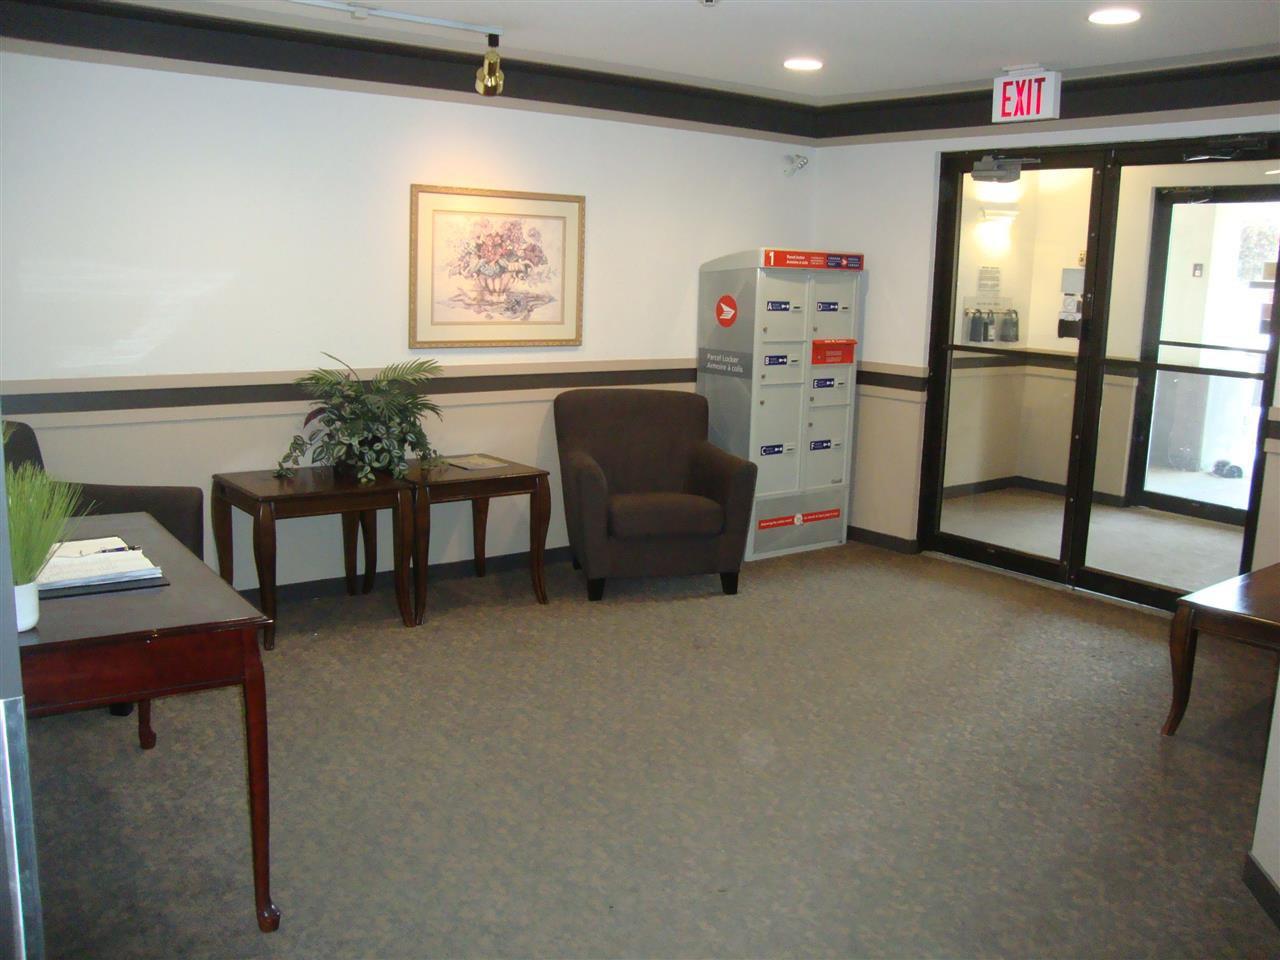 Photo 9: Photos: 306 11620 9A Avenue in Edmonton: Zone 16 Condo for sale : MLS®# E4164657